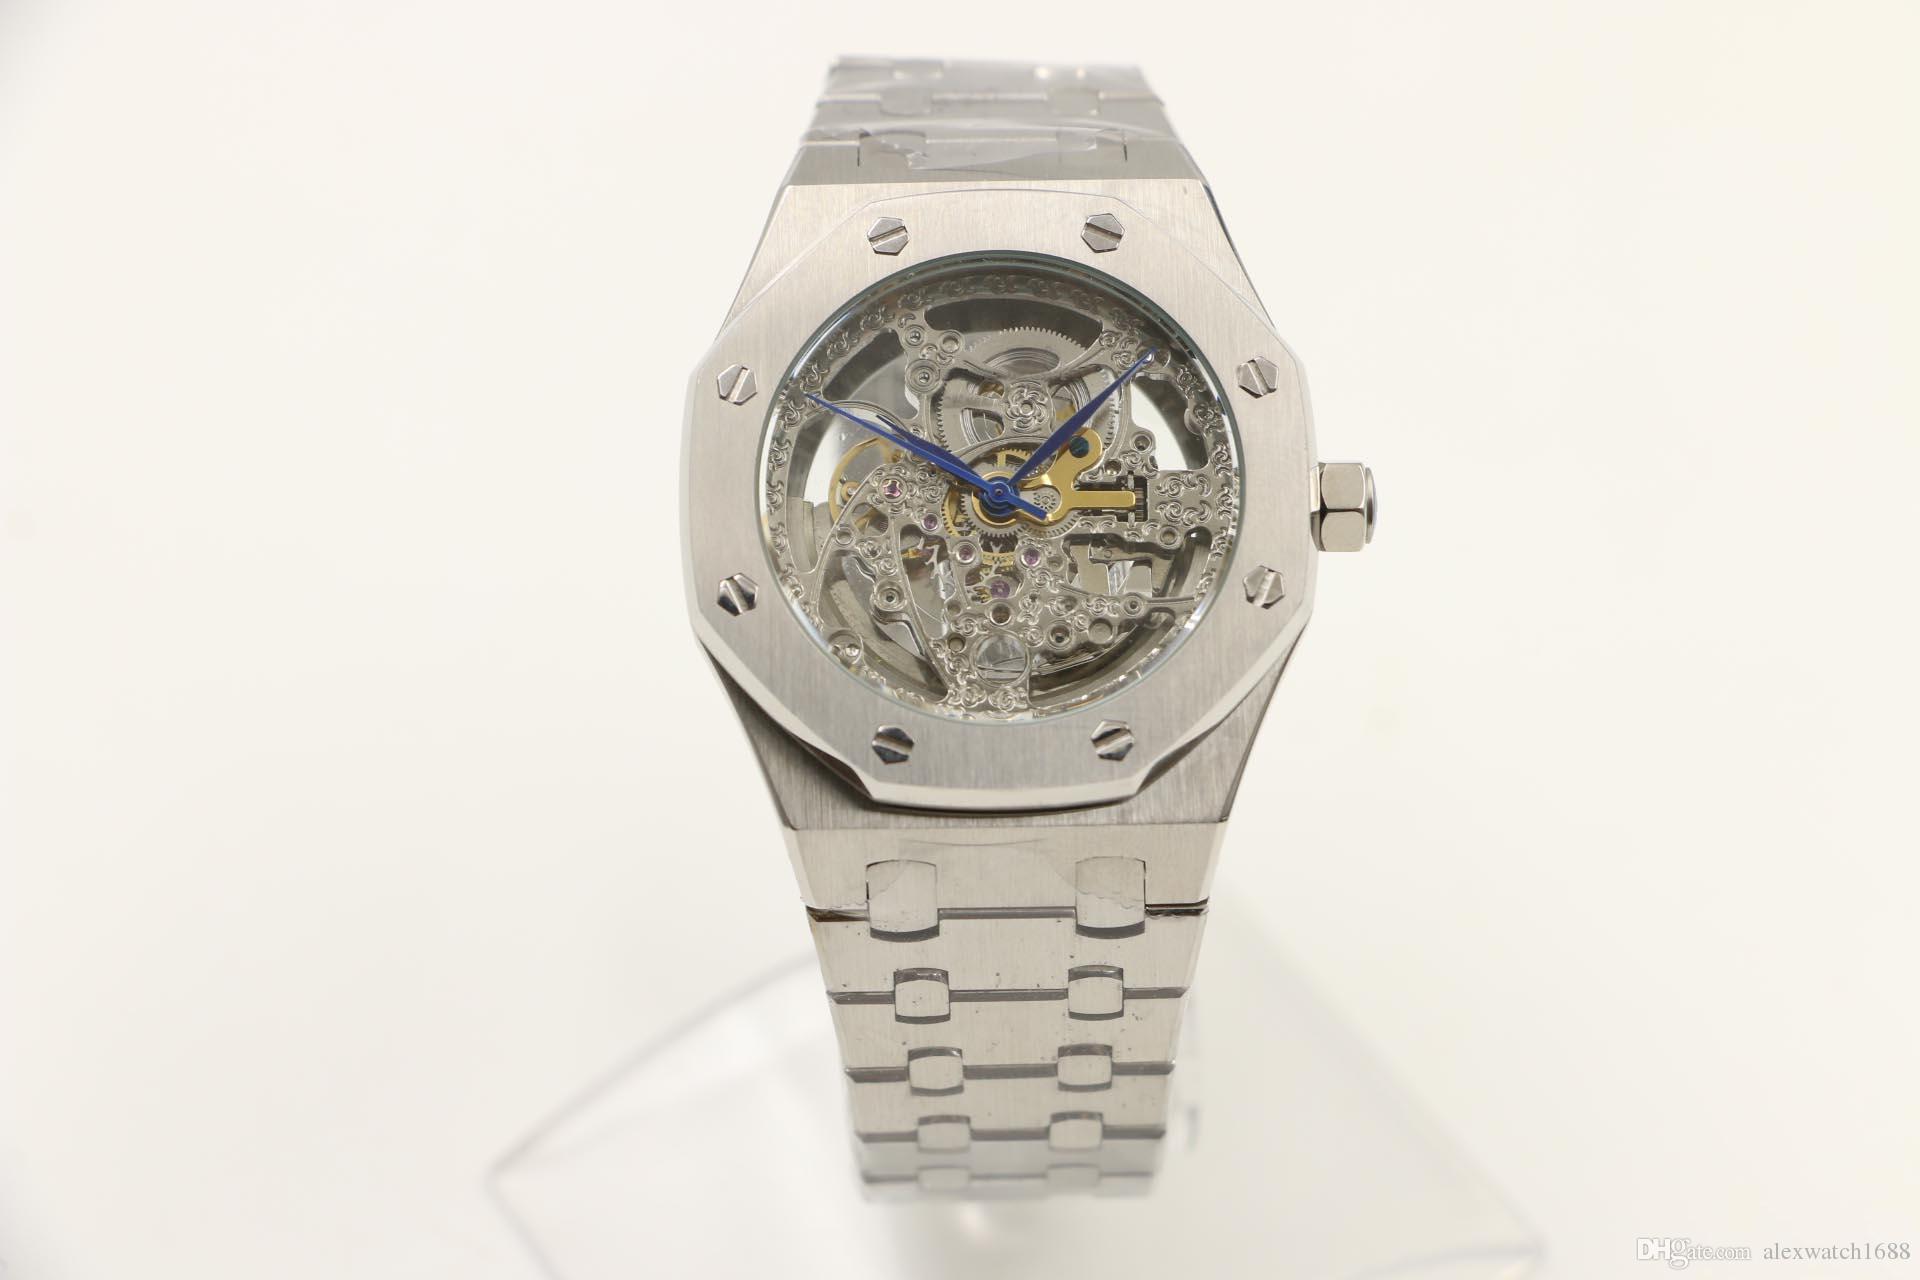 45a835fc2b4 Compre Relógio De Esqueleto Completa Transparente Dos Homens Relógios  Relógio De Pulso Full Strainless Vidro De Vidro De Volta Automático De Luxo  Relógios ...